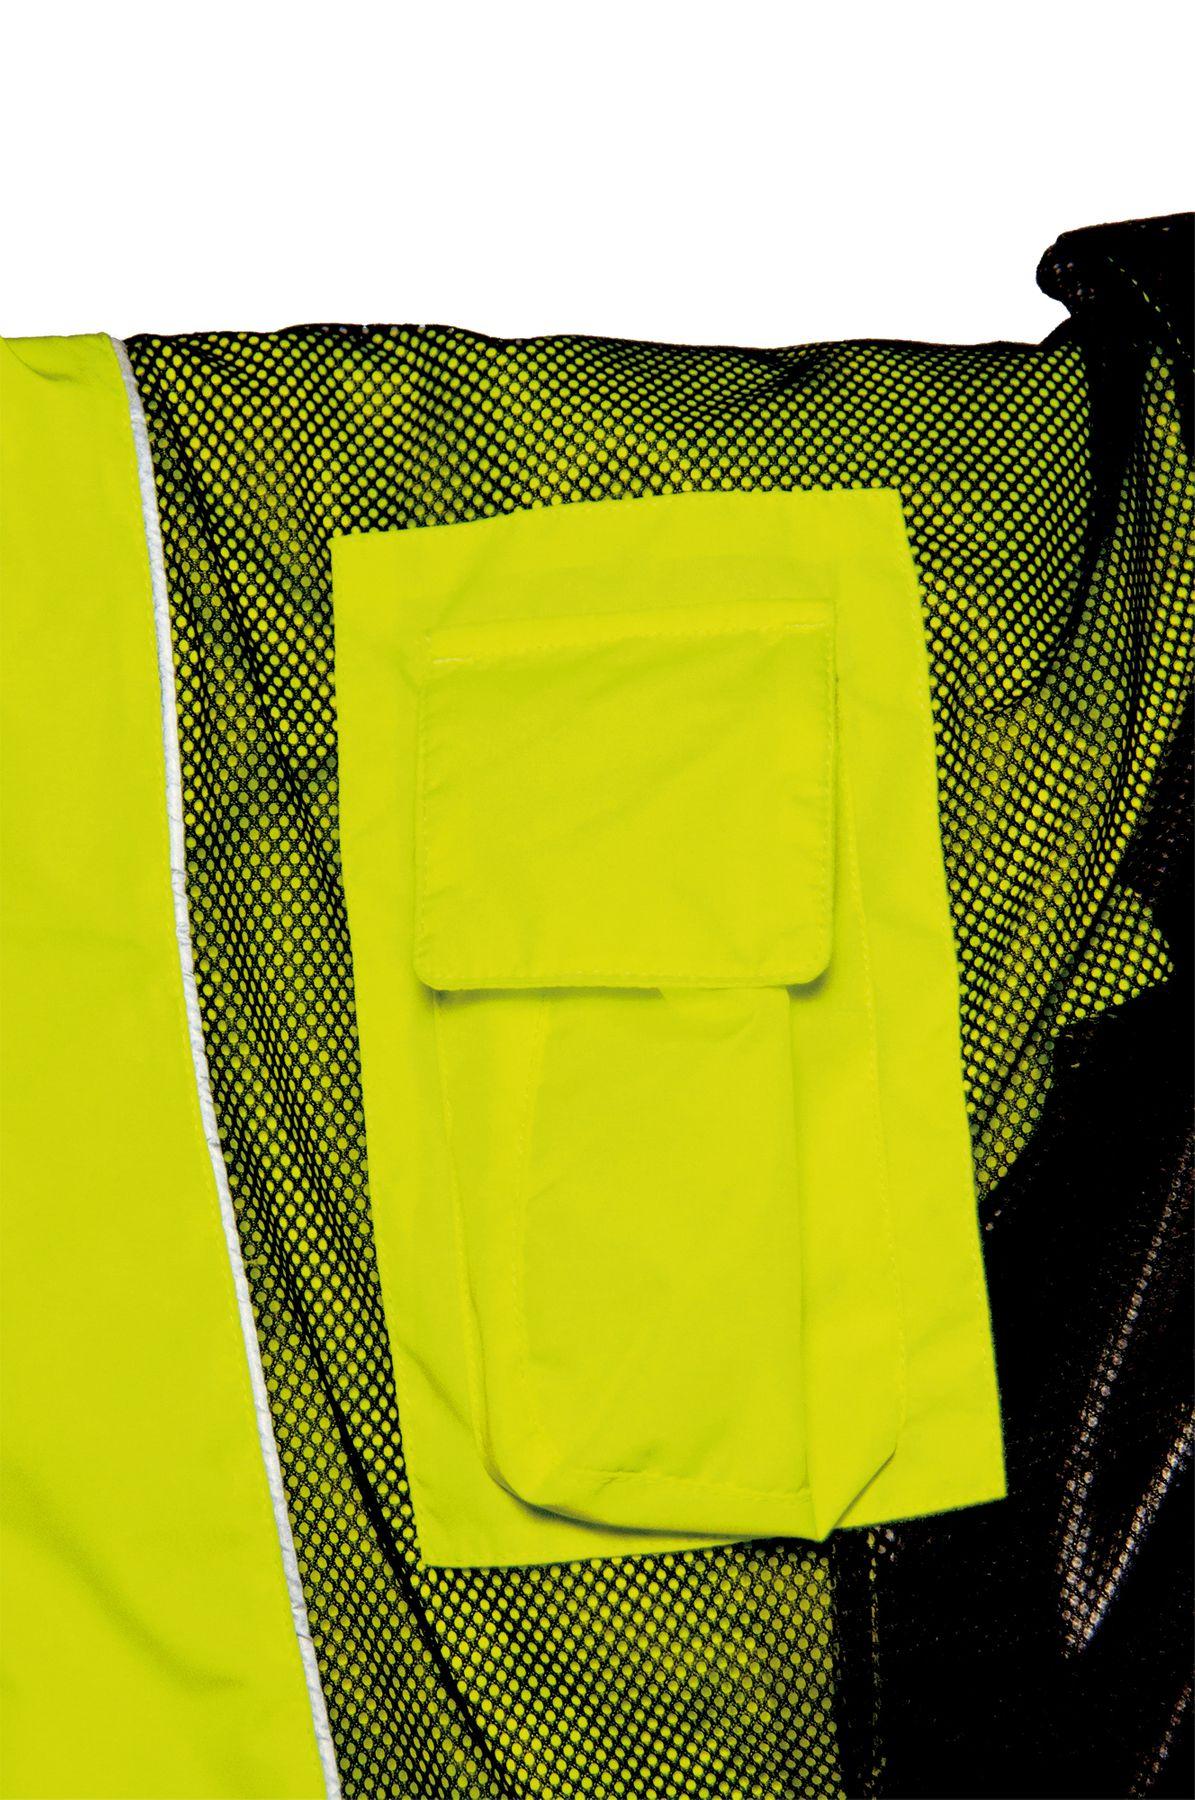 BRIGG - Unisex Funktions Jacke in diversen Farbvarianten, Wasserdicht, Atmungsaktiv, Winddicht, bis 10XL (10012001) – Bild 7